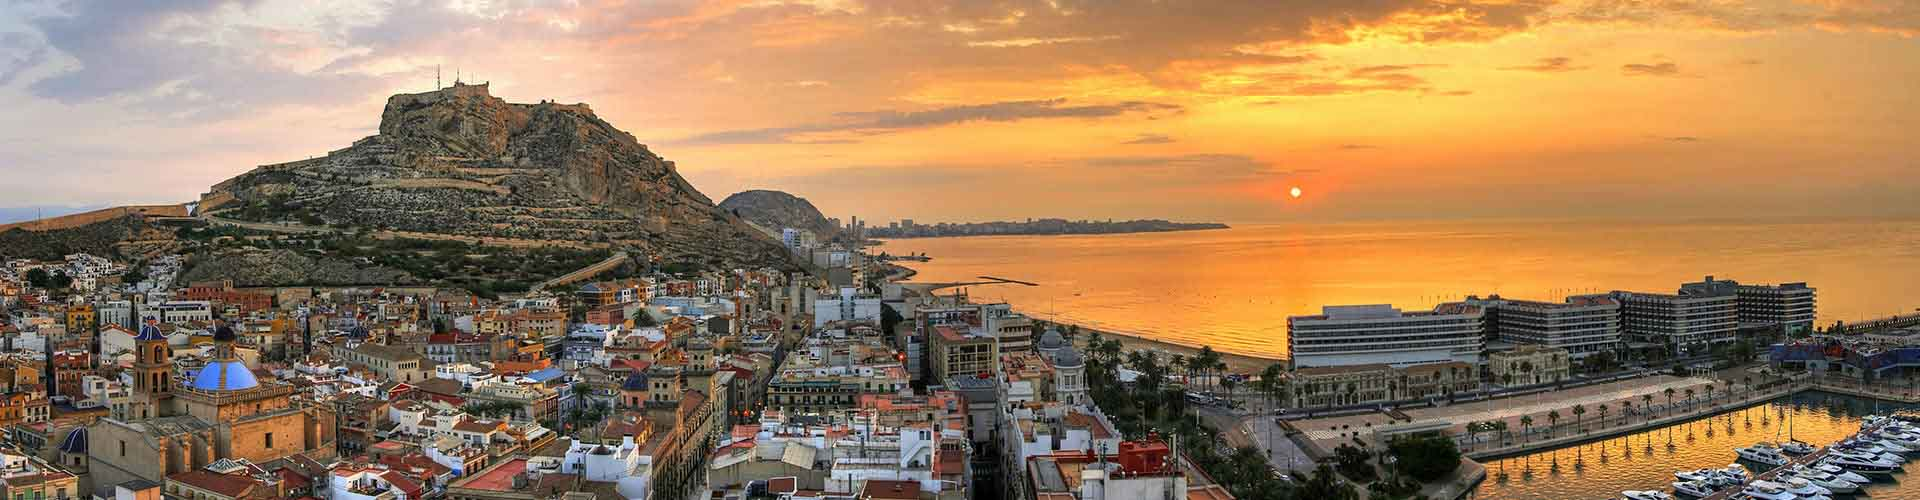 Alicante – Hostellit kaupungiosassa Mercado. Alicante -karttoja, valokuvia ja arvosteluja kaikista Alicante -hostelleista.